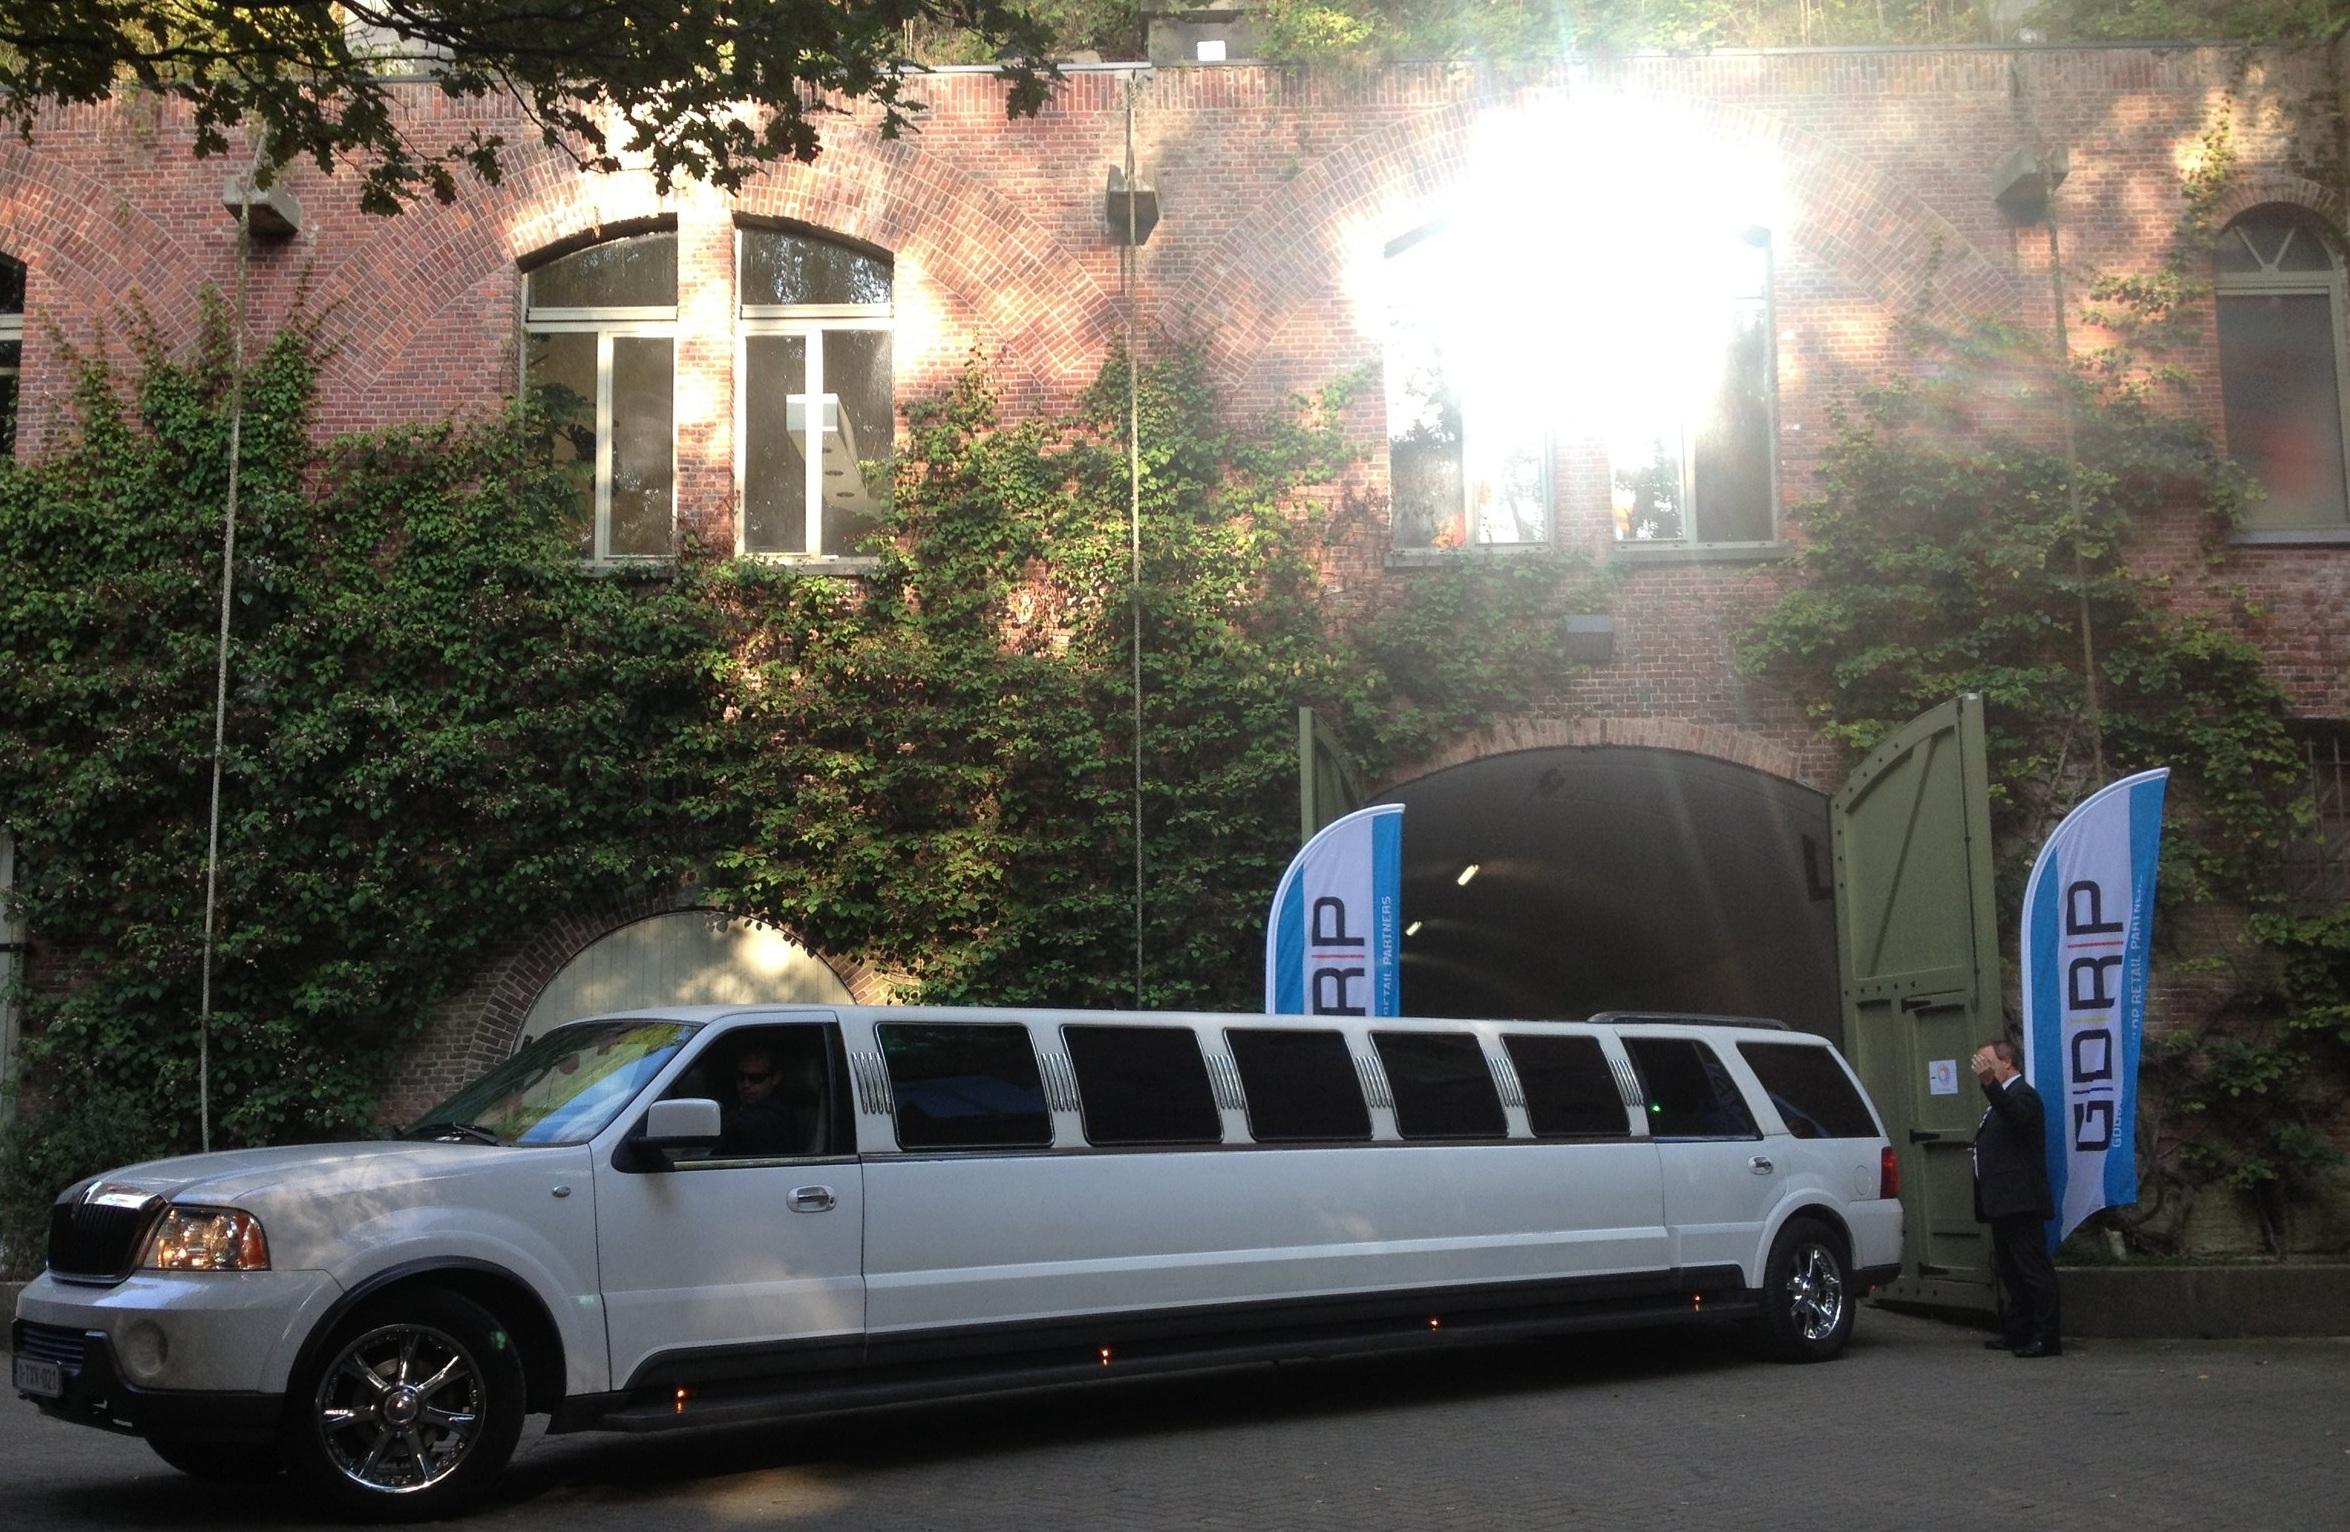 Blwrk+Limousine+voor+ingang+1.jpg